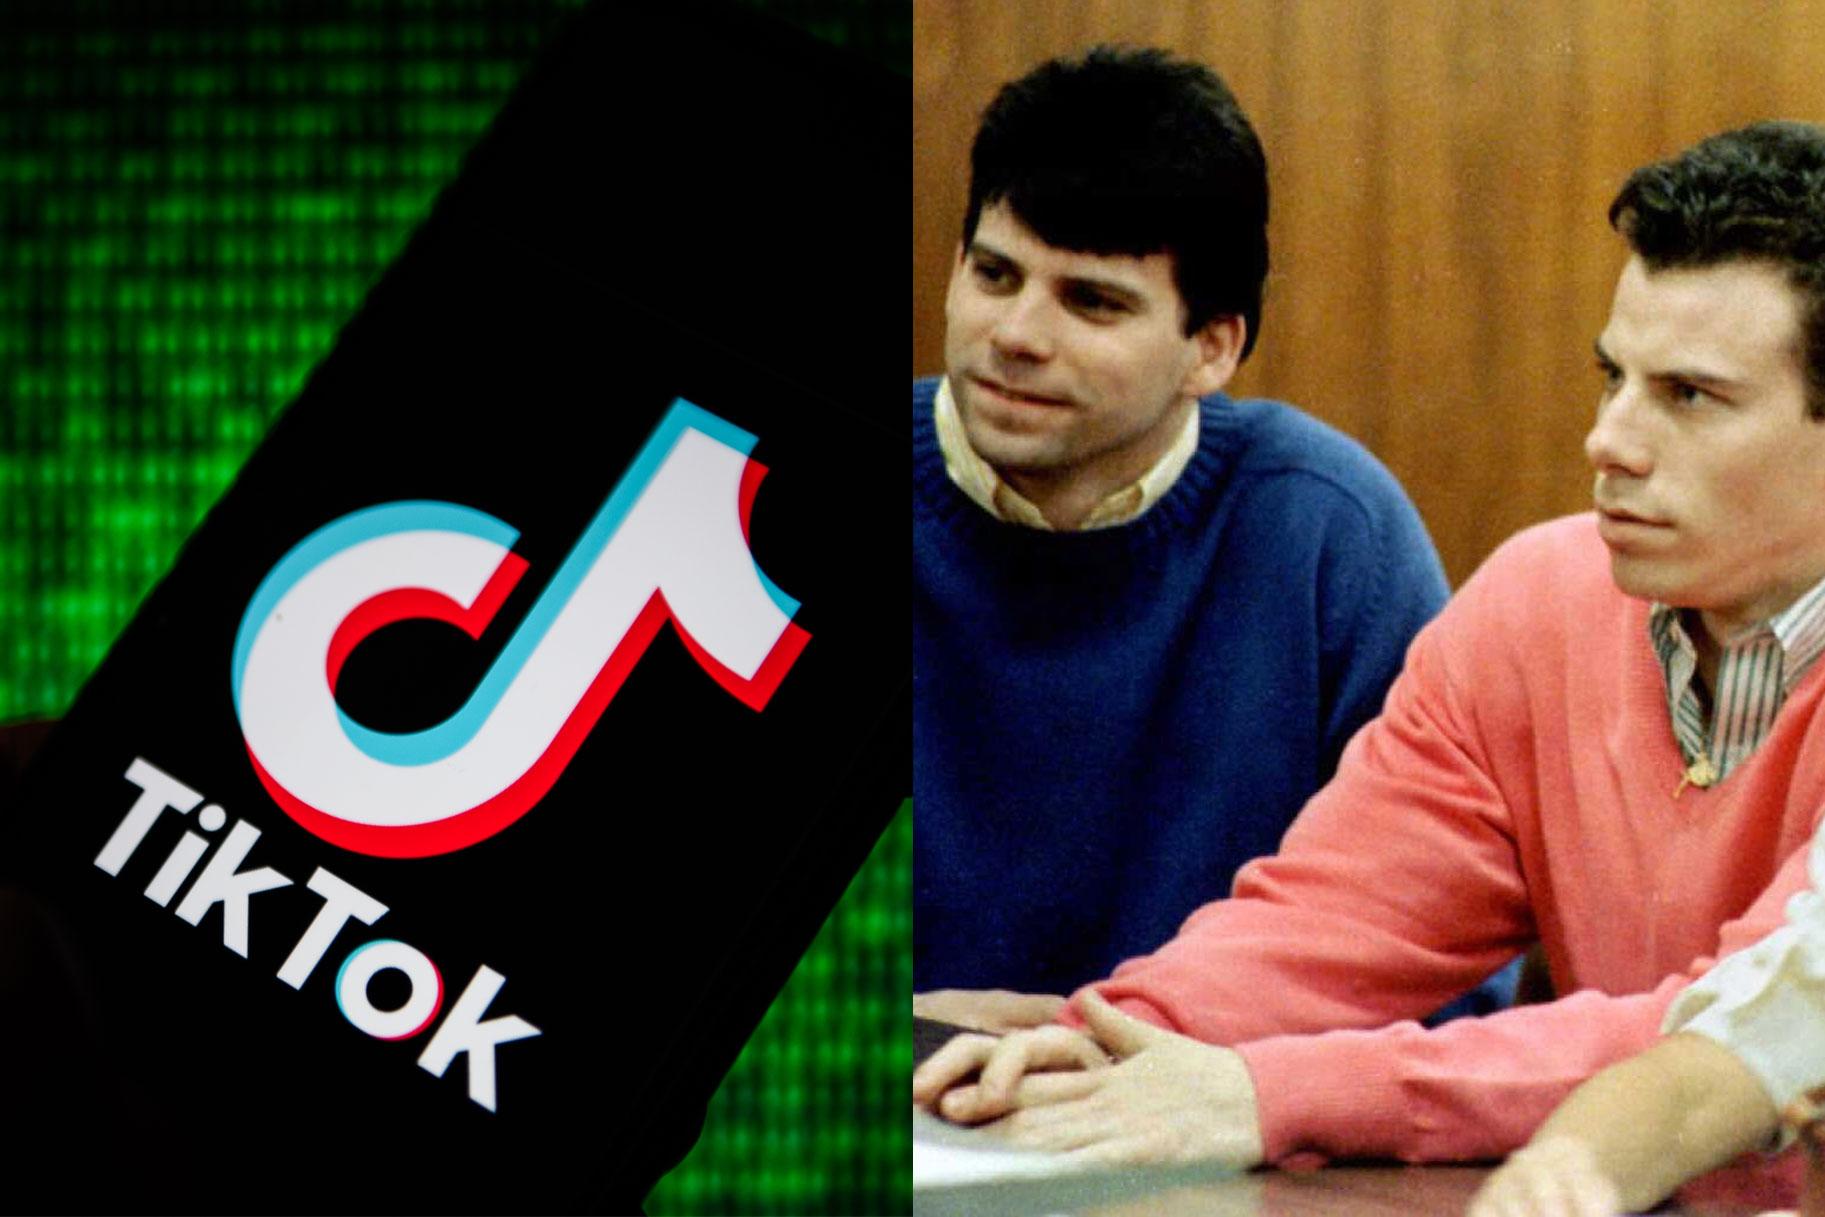 Los usuarios de TikTok afirman que los hermanos Menéndez no recibieron un juicio justo